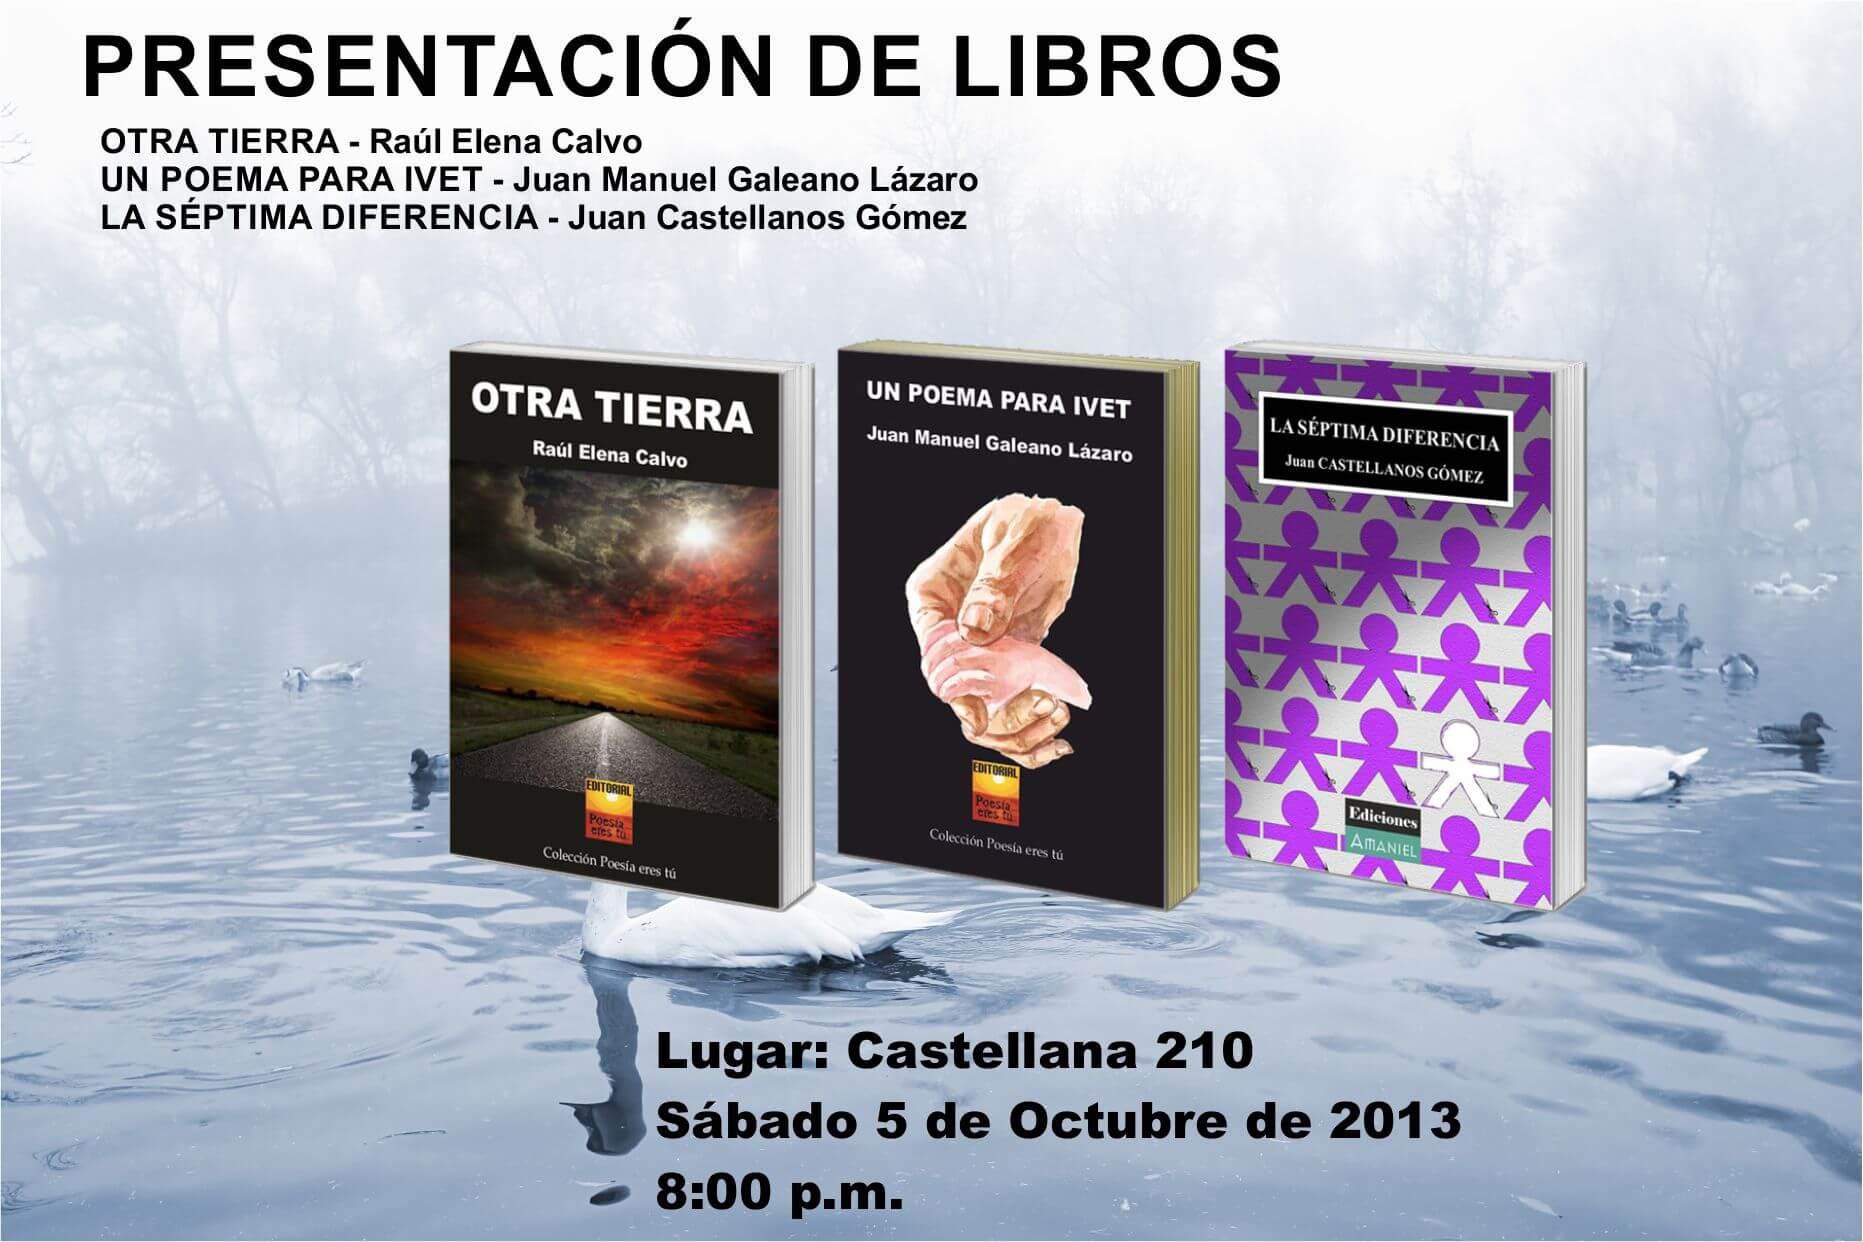 Video anuncio: Presentaciones de libros día 4 de Octubre Video anuncio: Presentaciones de libros día 4 de Octubre Cartel5deOctubre2013